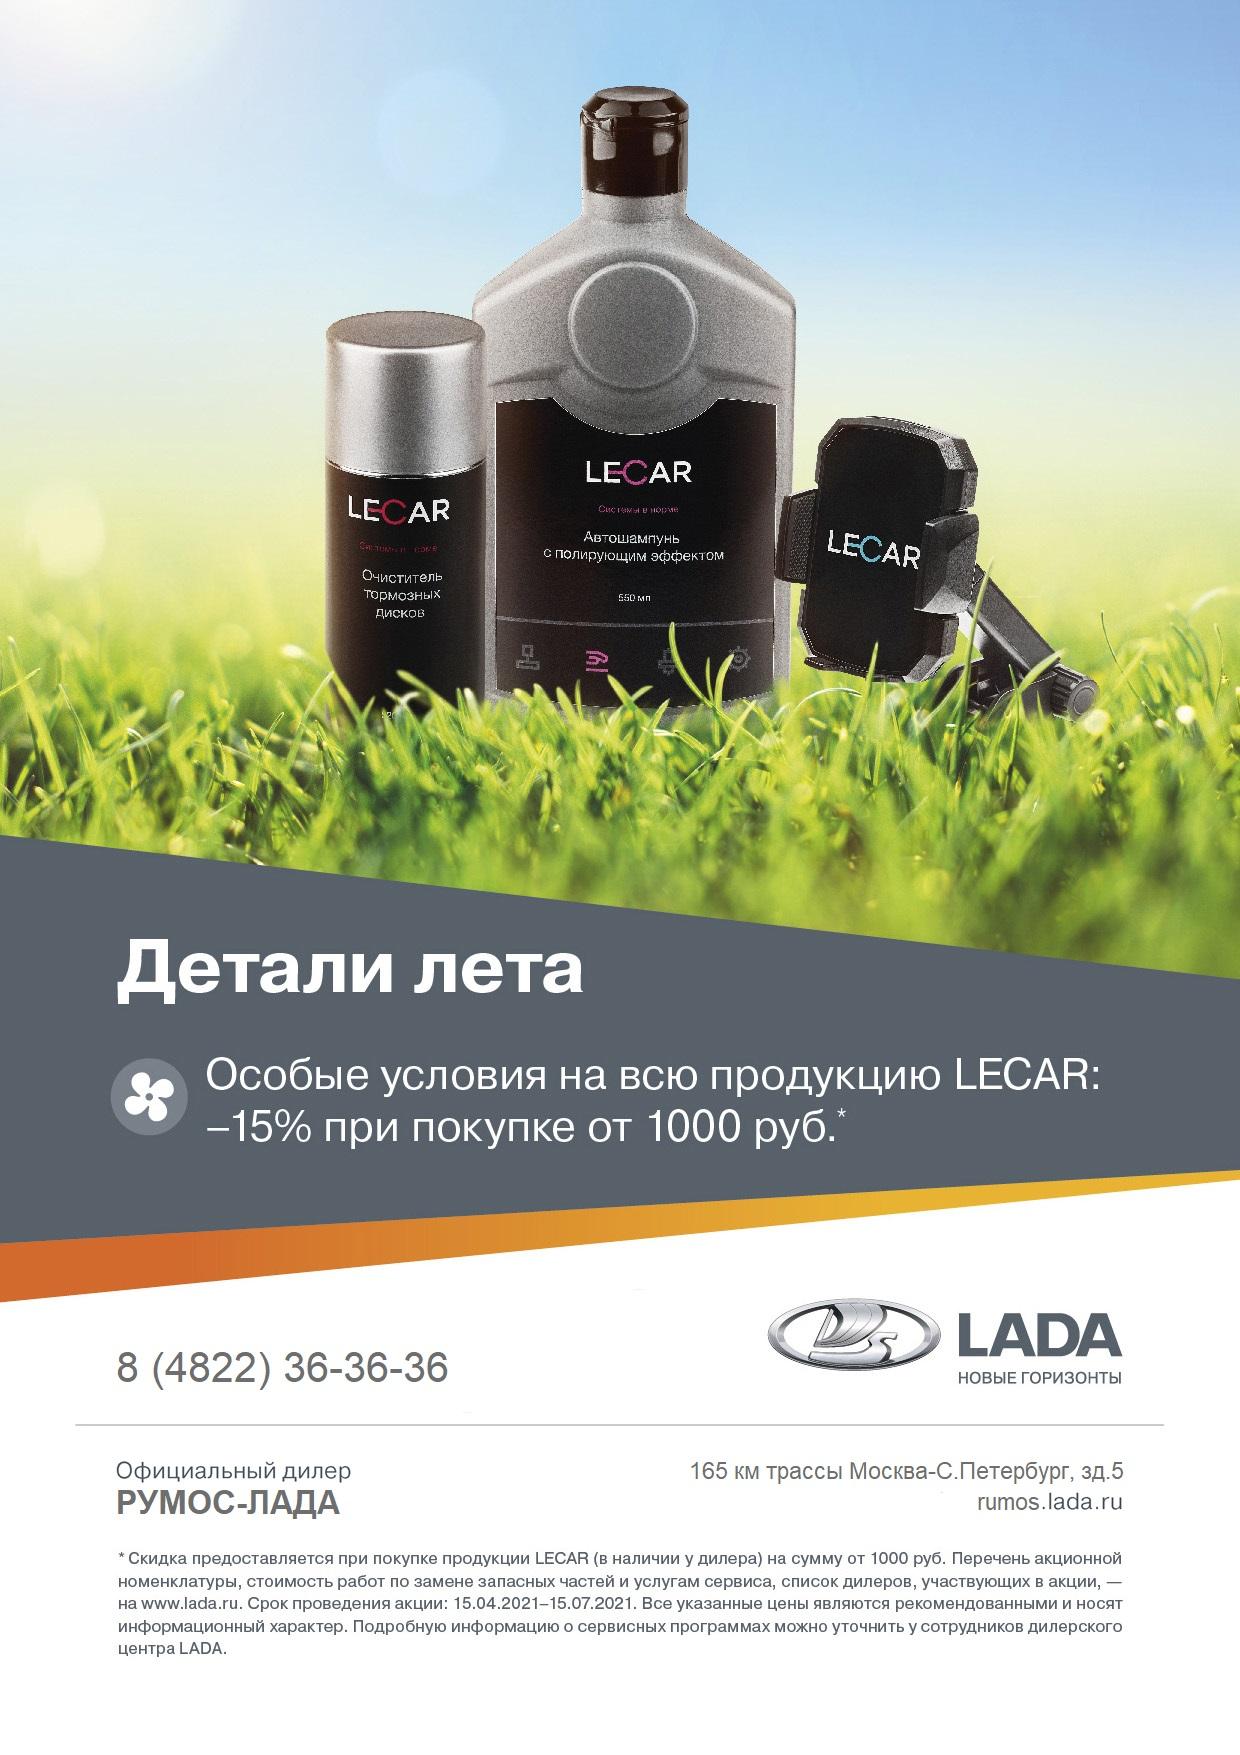 Особые условия на всю продукцию LECAR: -15% при покупке от 1000 руб.